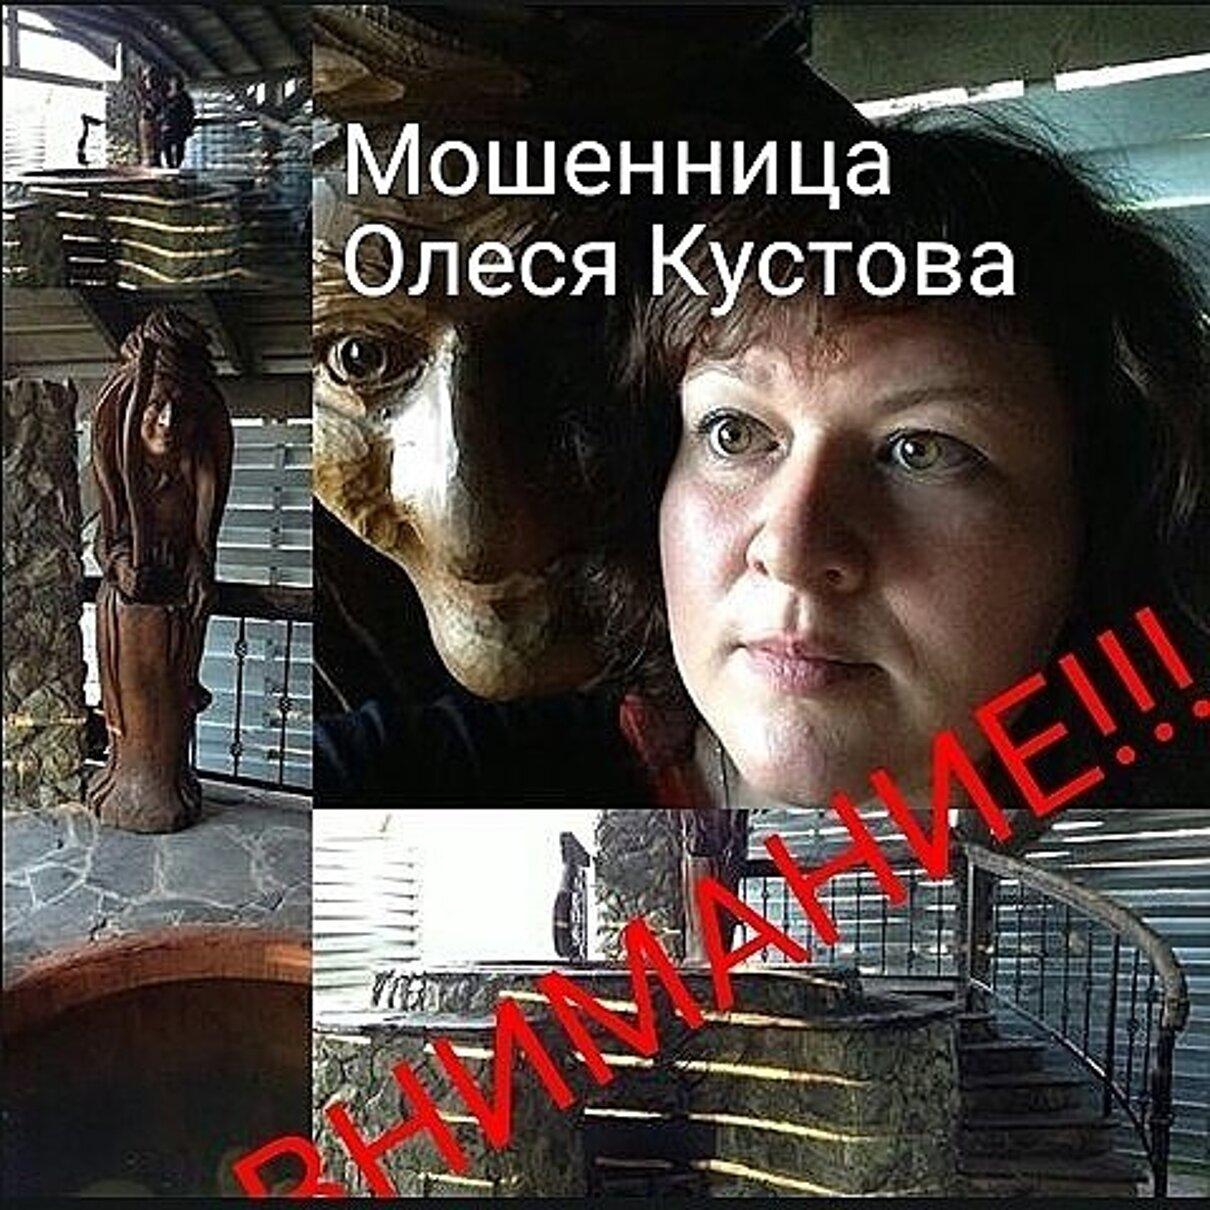 Жалоба-отзыв: Олеся Кустова Ижевск - Молодильный чугунный чан.  Фото №1